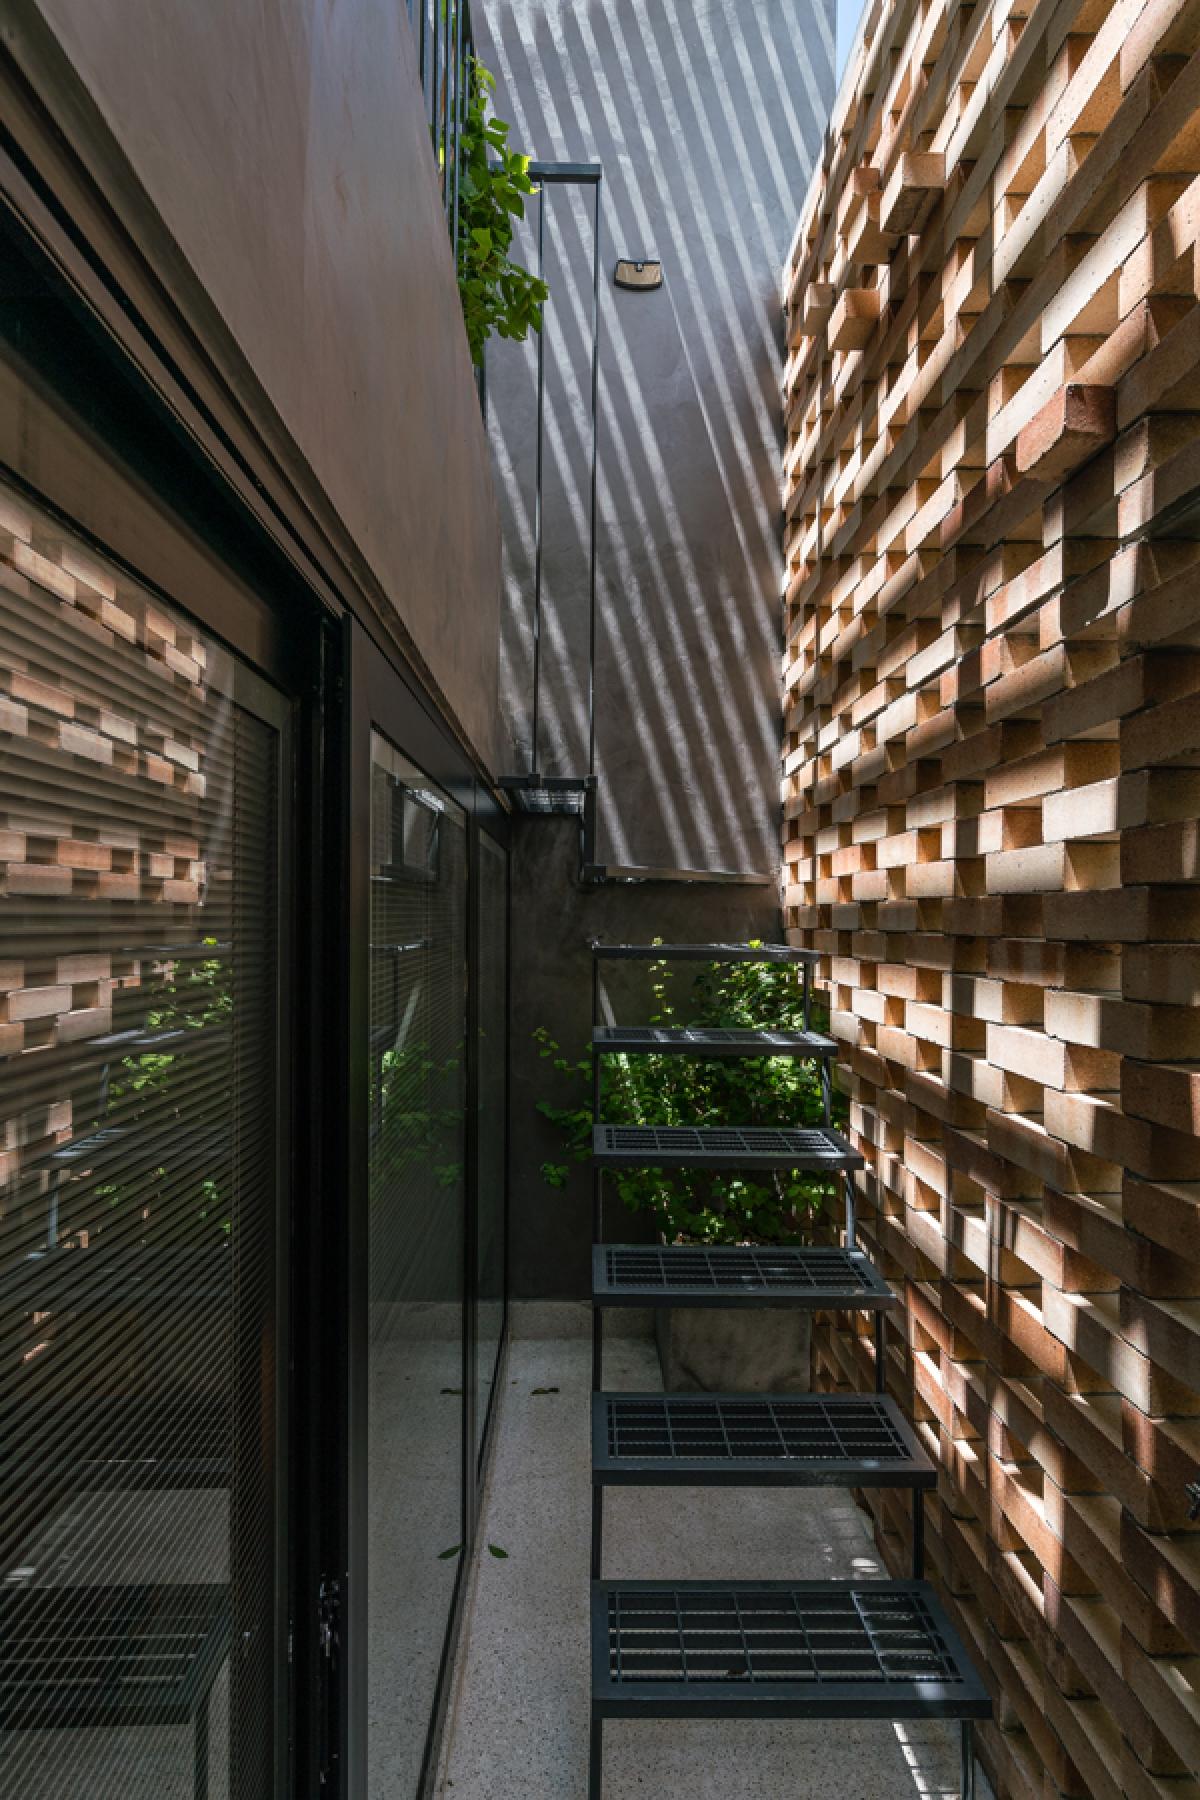 Giữa hai lớp áo – kết cấu bao che là khoảng trống dành cho cây xanh và để không khí luân chuyển, đối lưu góp phần giảm nhiệt do nắng chiếu.